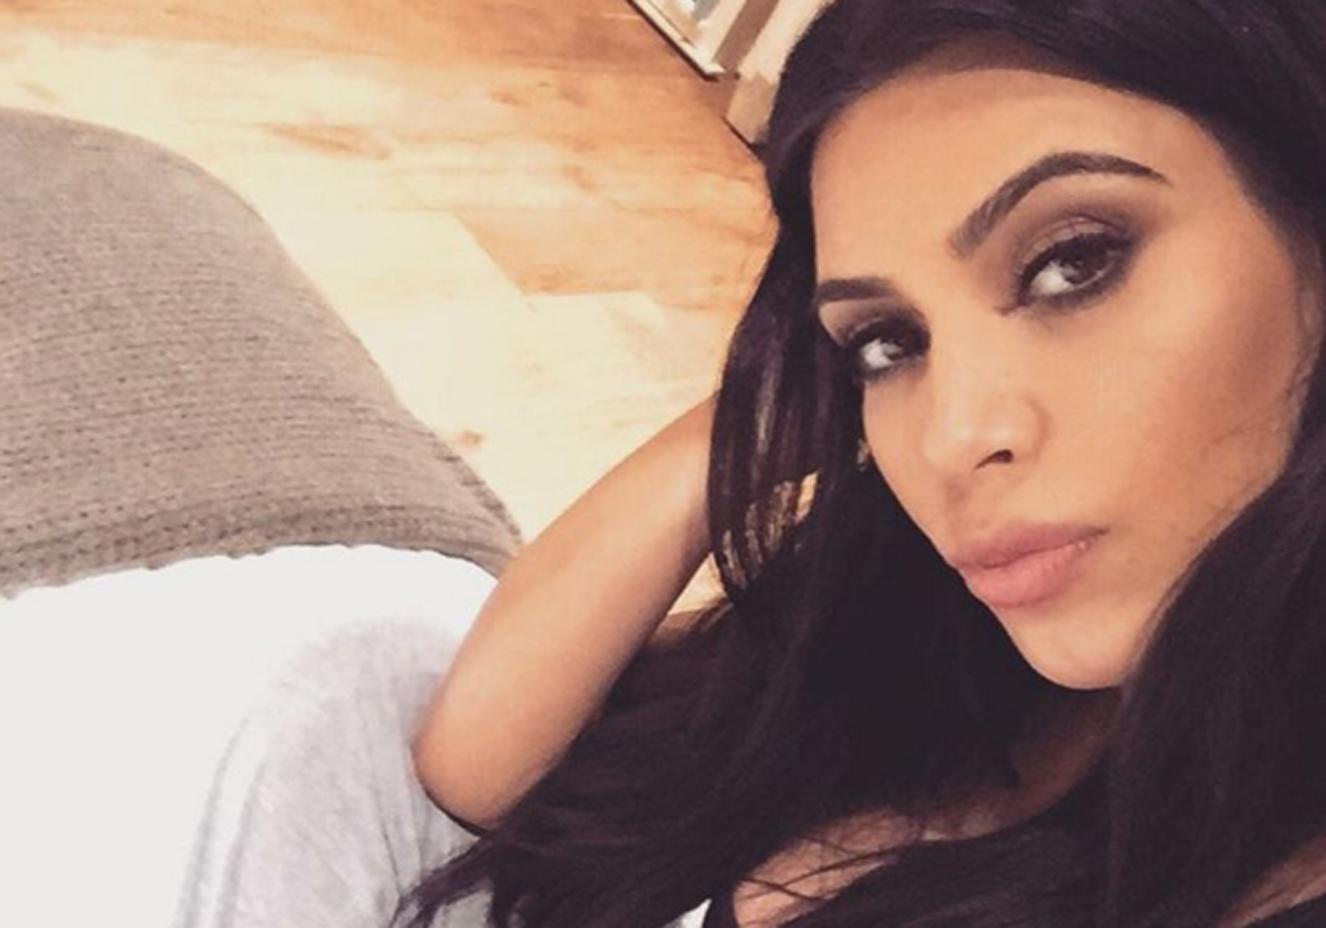 Reprodução/Instagram @kimkardashian